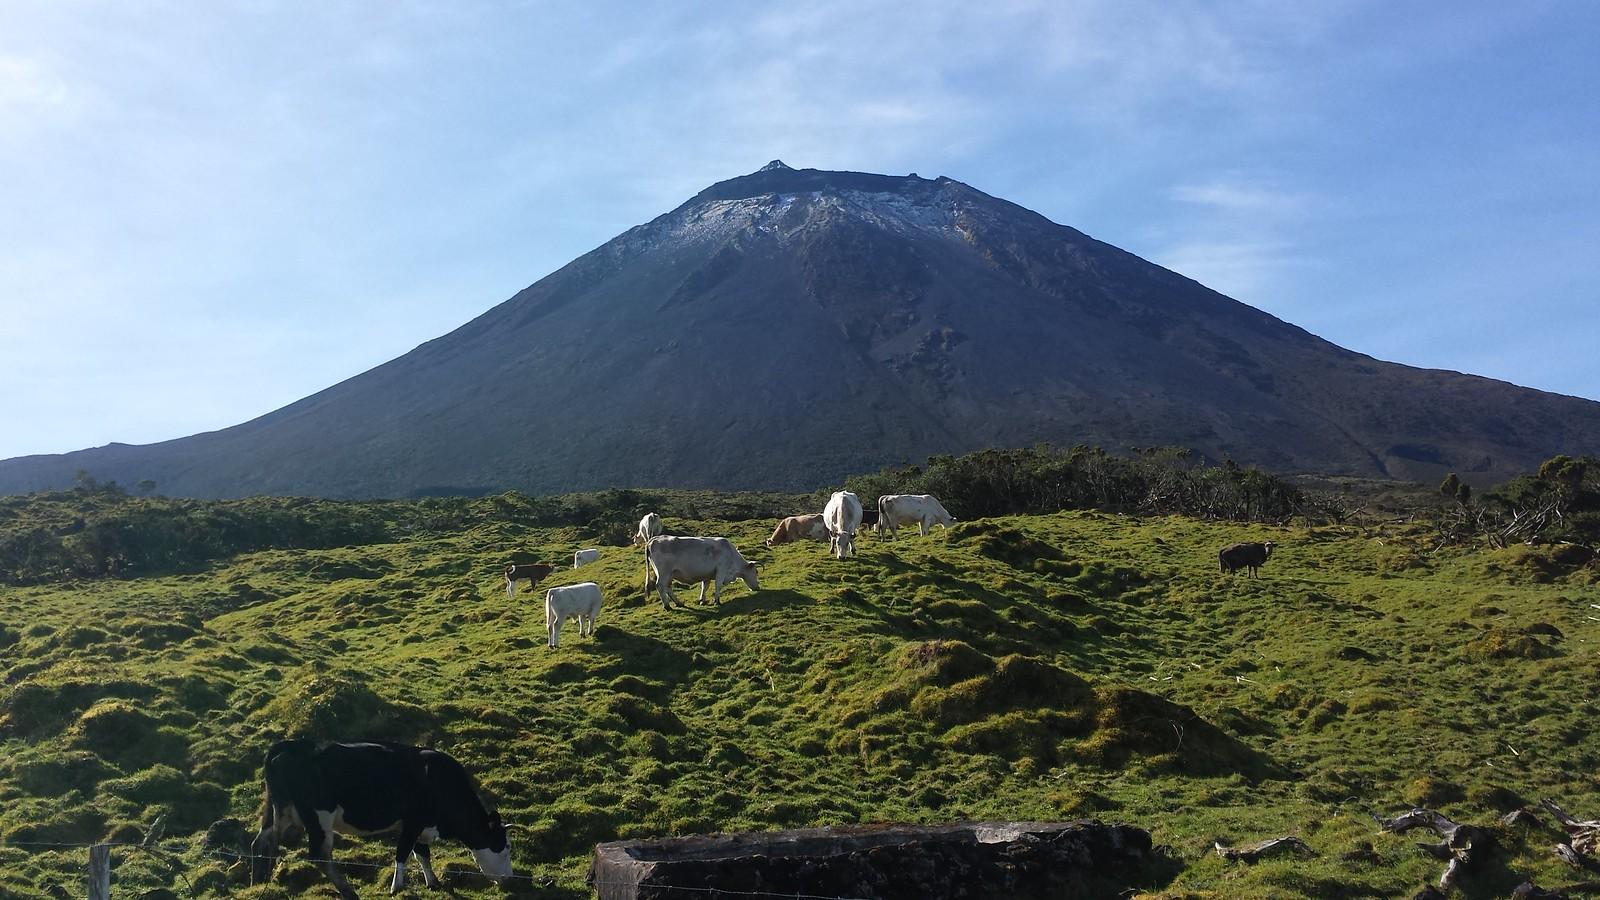 Pico Island Views